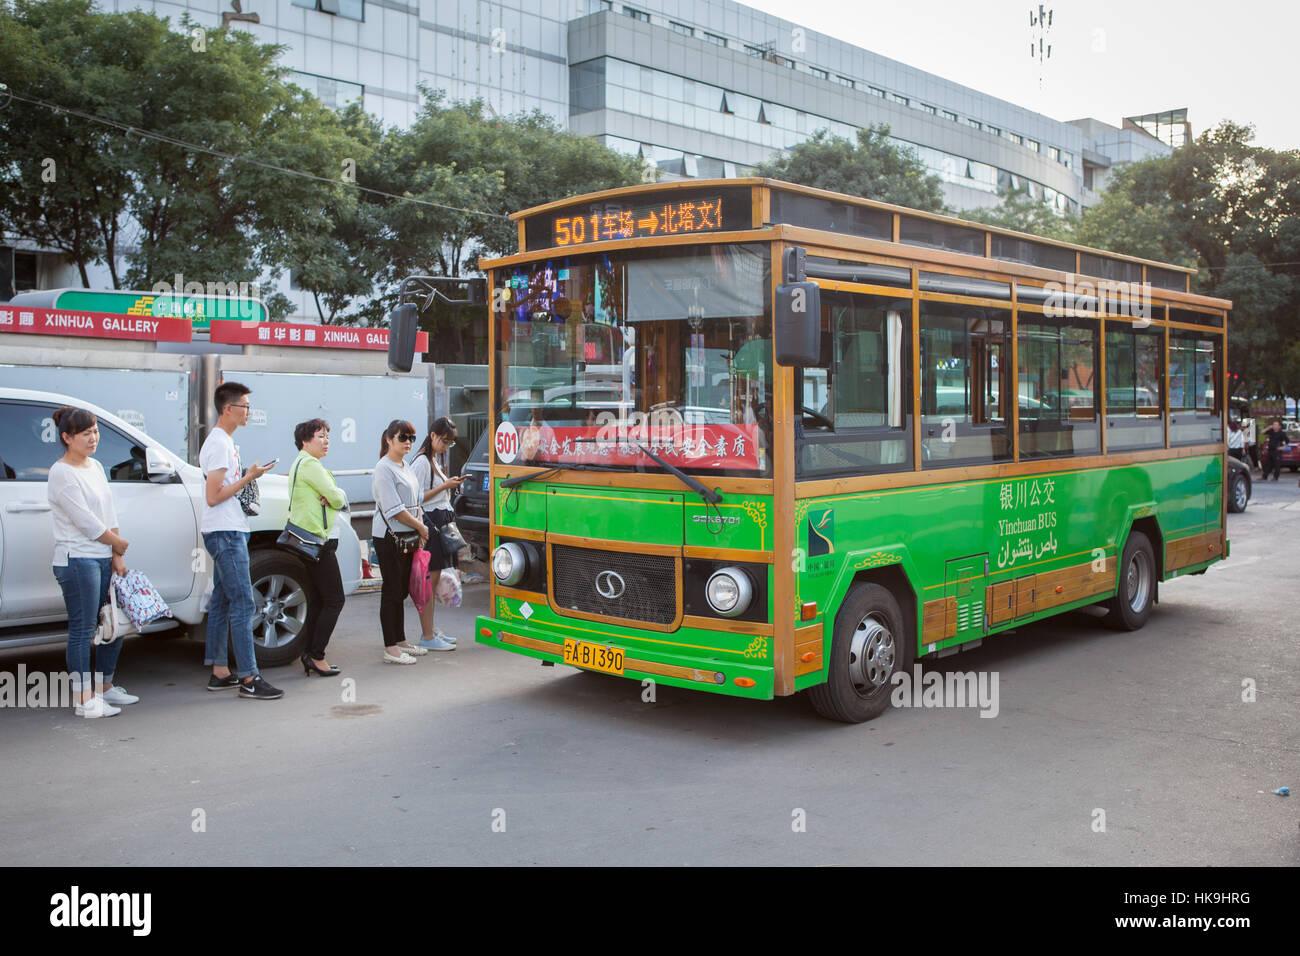 La gente subir al autobús urbano típico. Yinchuan, Ningxia, China Foto de stock